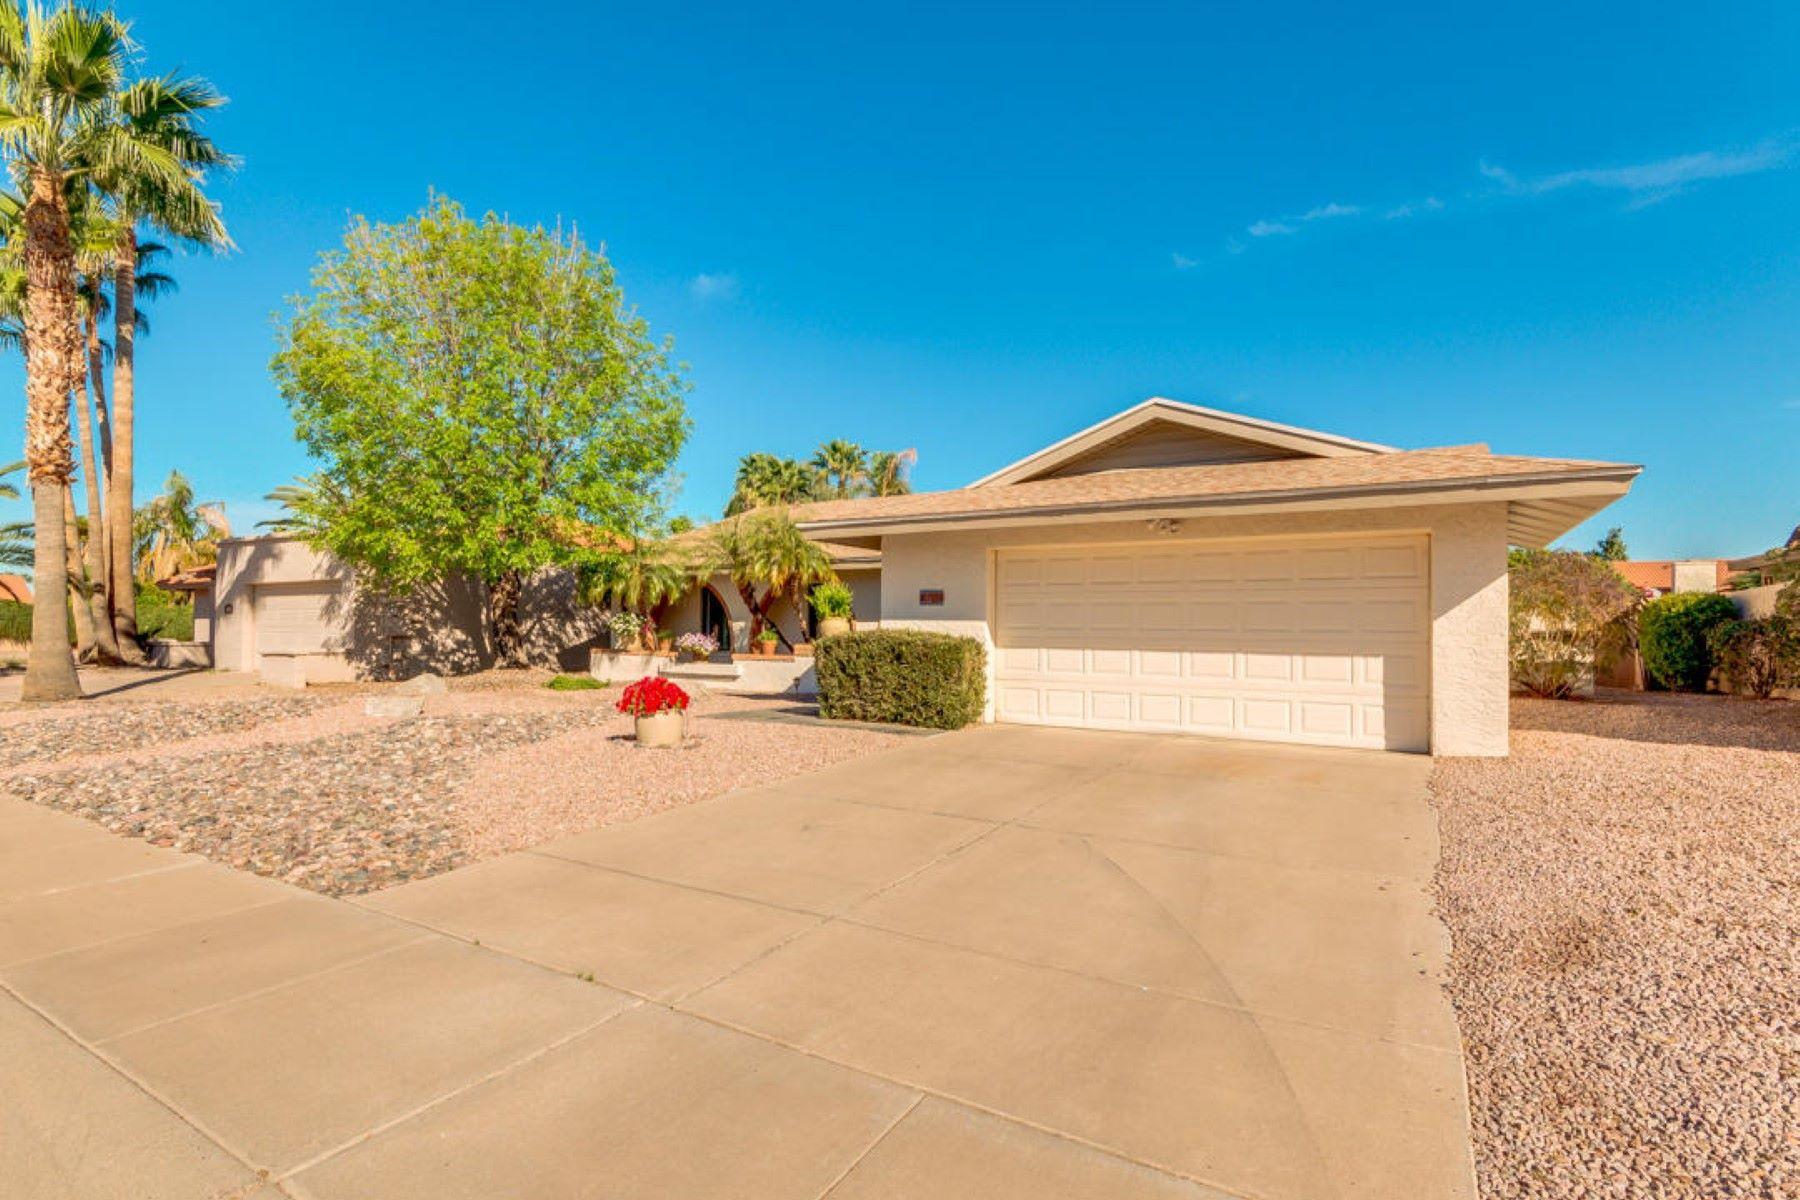 Tek Ailelik Ev için Satış at Charming Scottsdale home in the heart of McCormick Ranch 8710 E San Daniel Dr Scottsdale, Arizona, 85258 Amerika Birleşik Devletleri